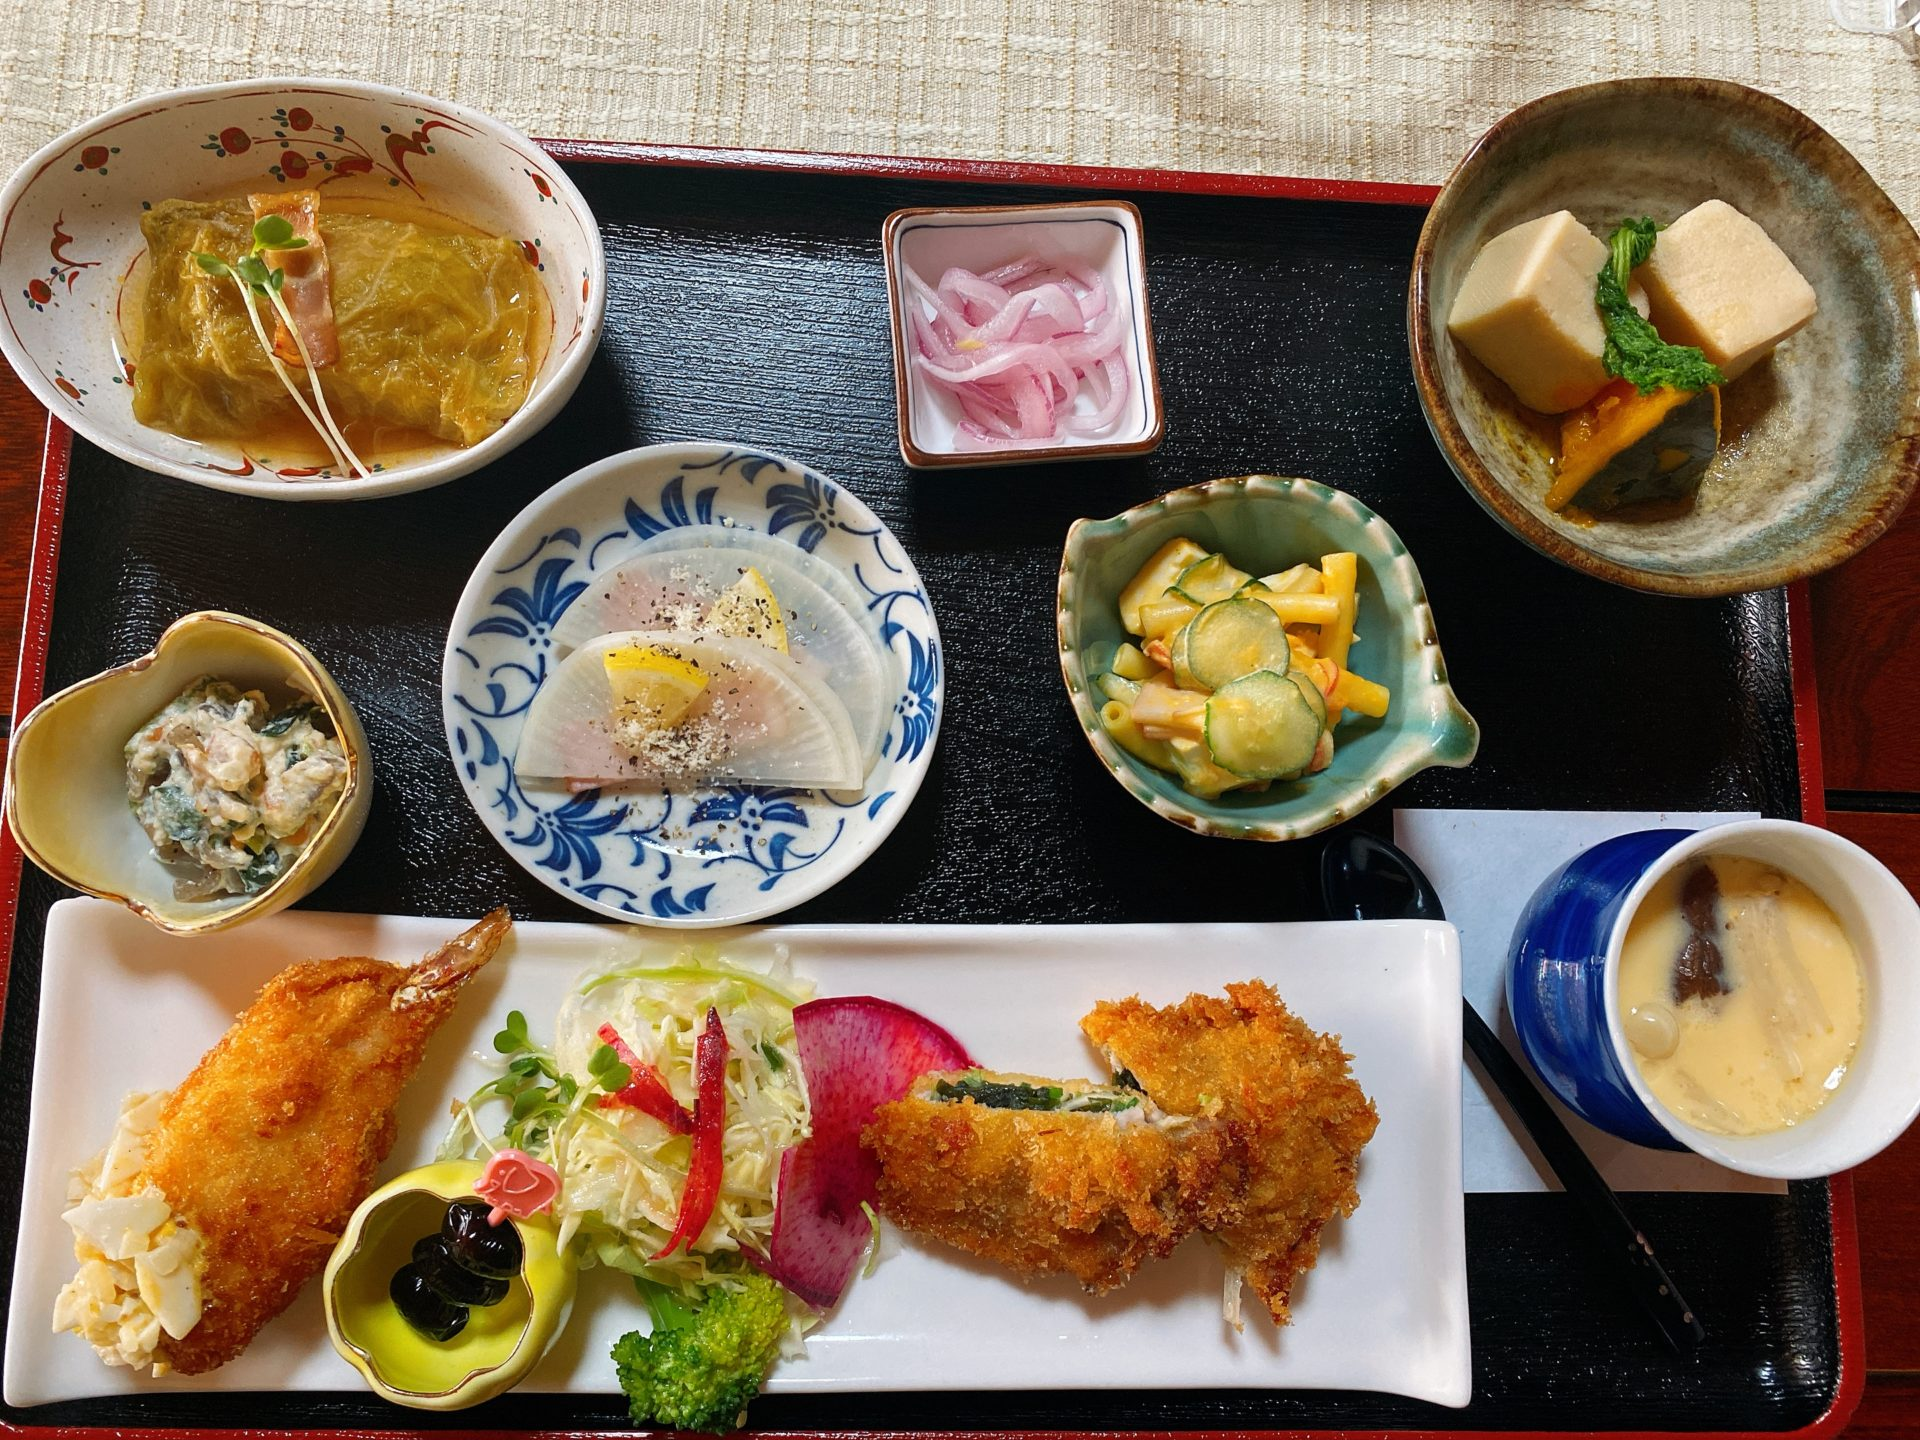 岡山市東区の お寺んち 茶茶 本当のお寺で食べる旬野菜の彩りランチが、月に3日の営業で希少なのに大好評!